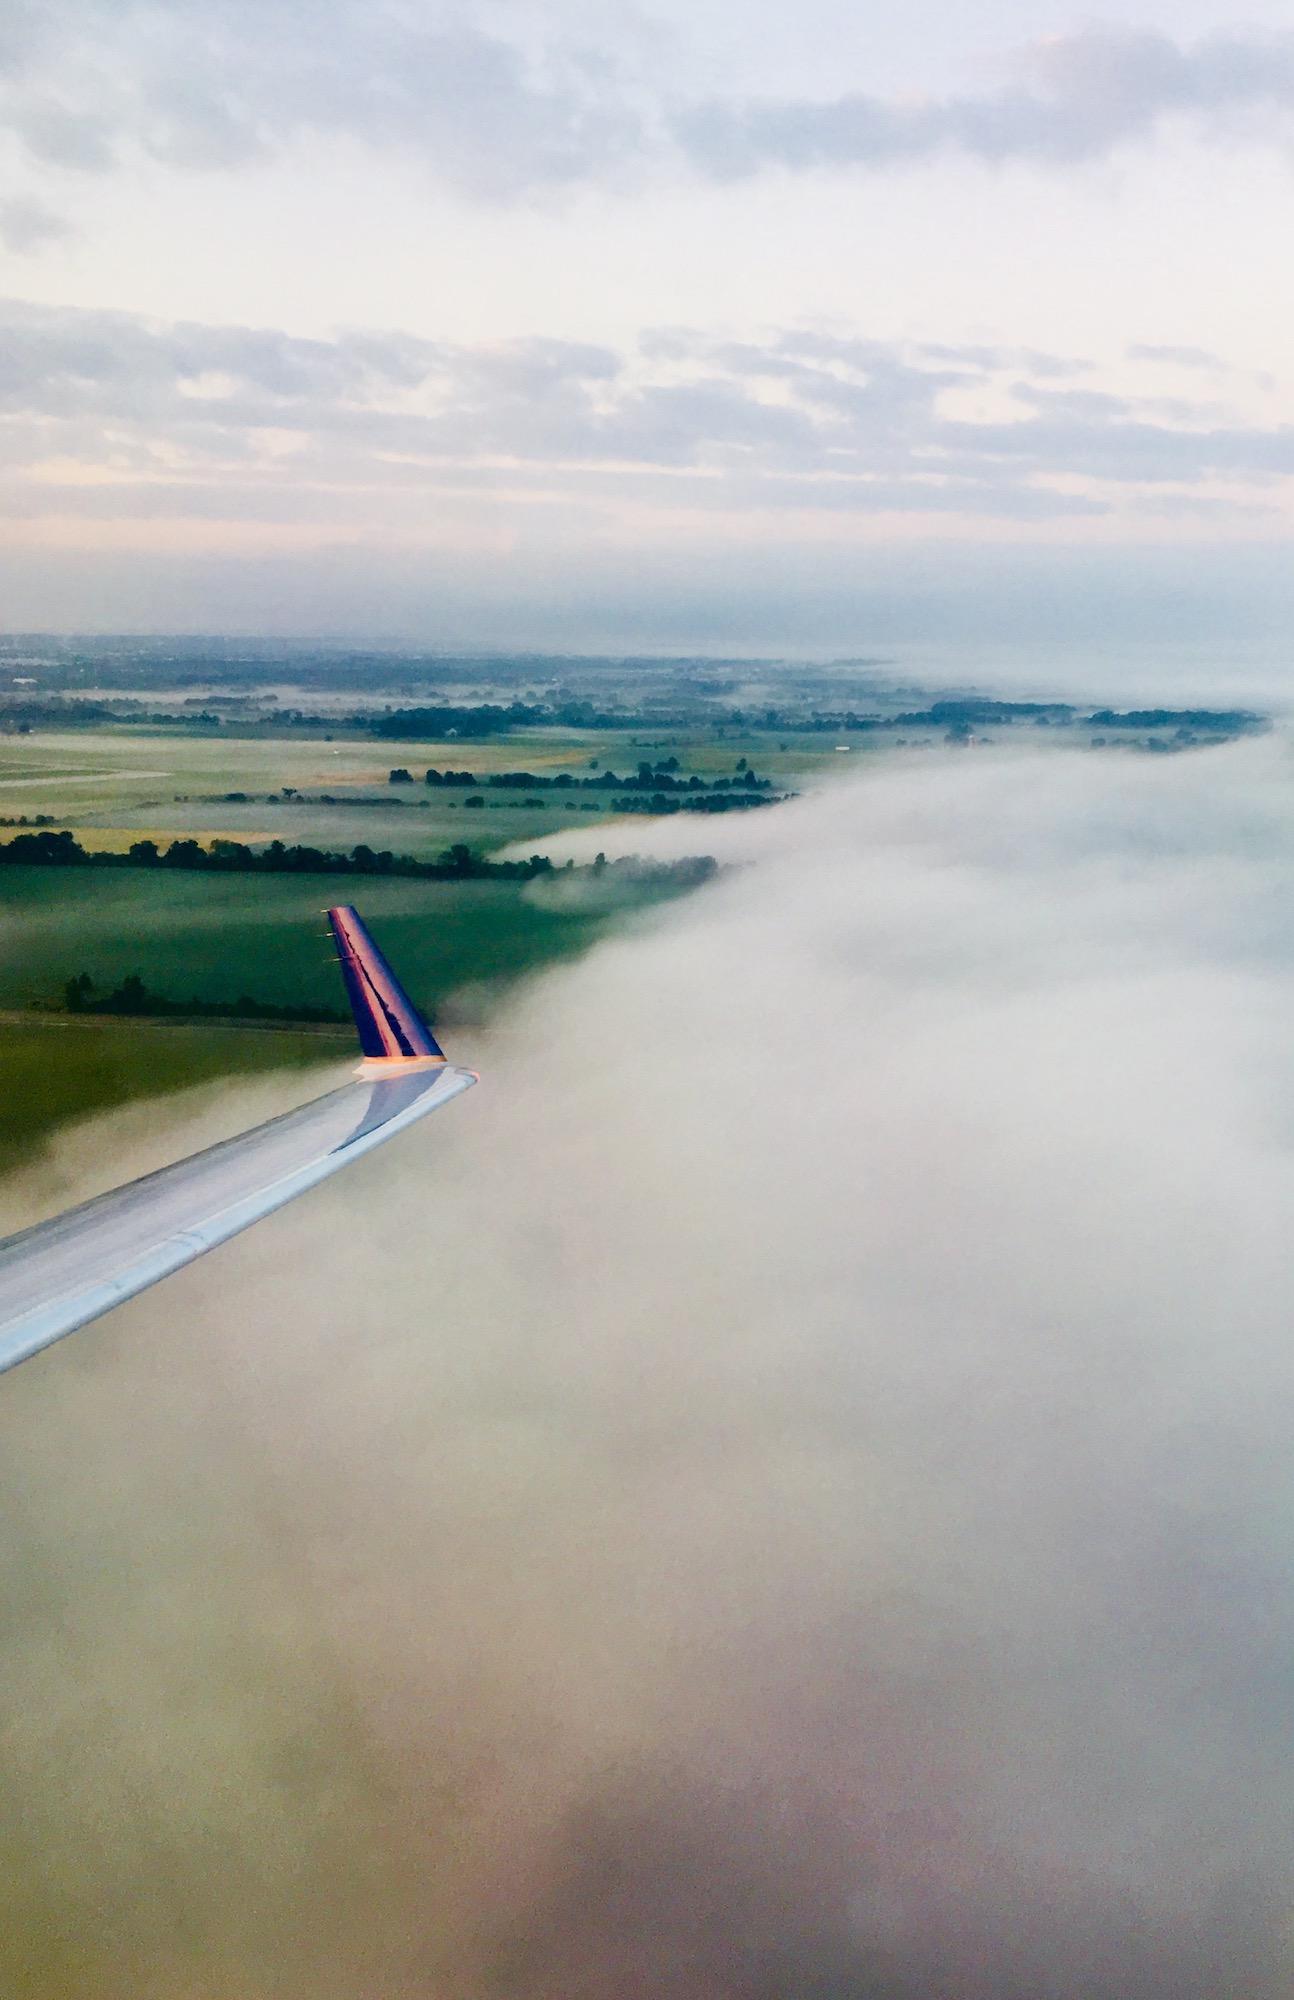 Ben Kim Paplham - Airplane Wing